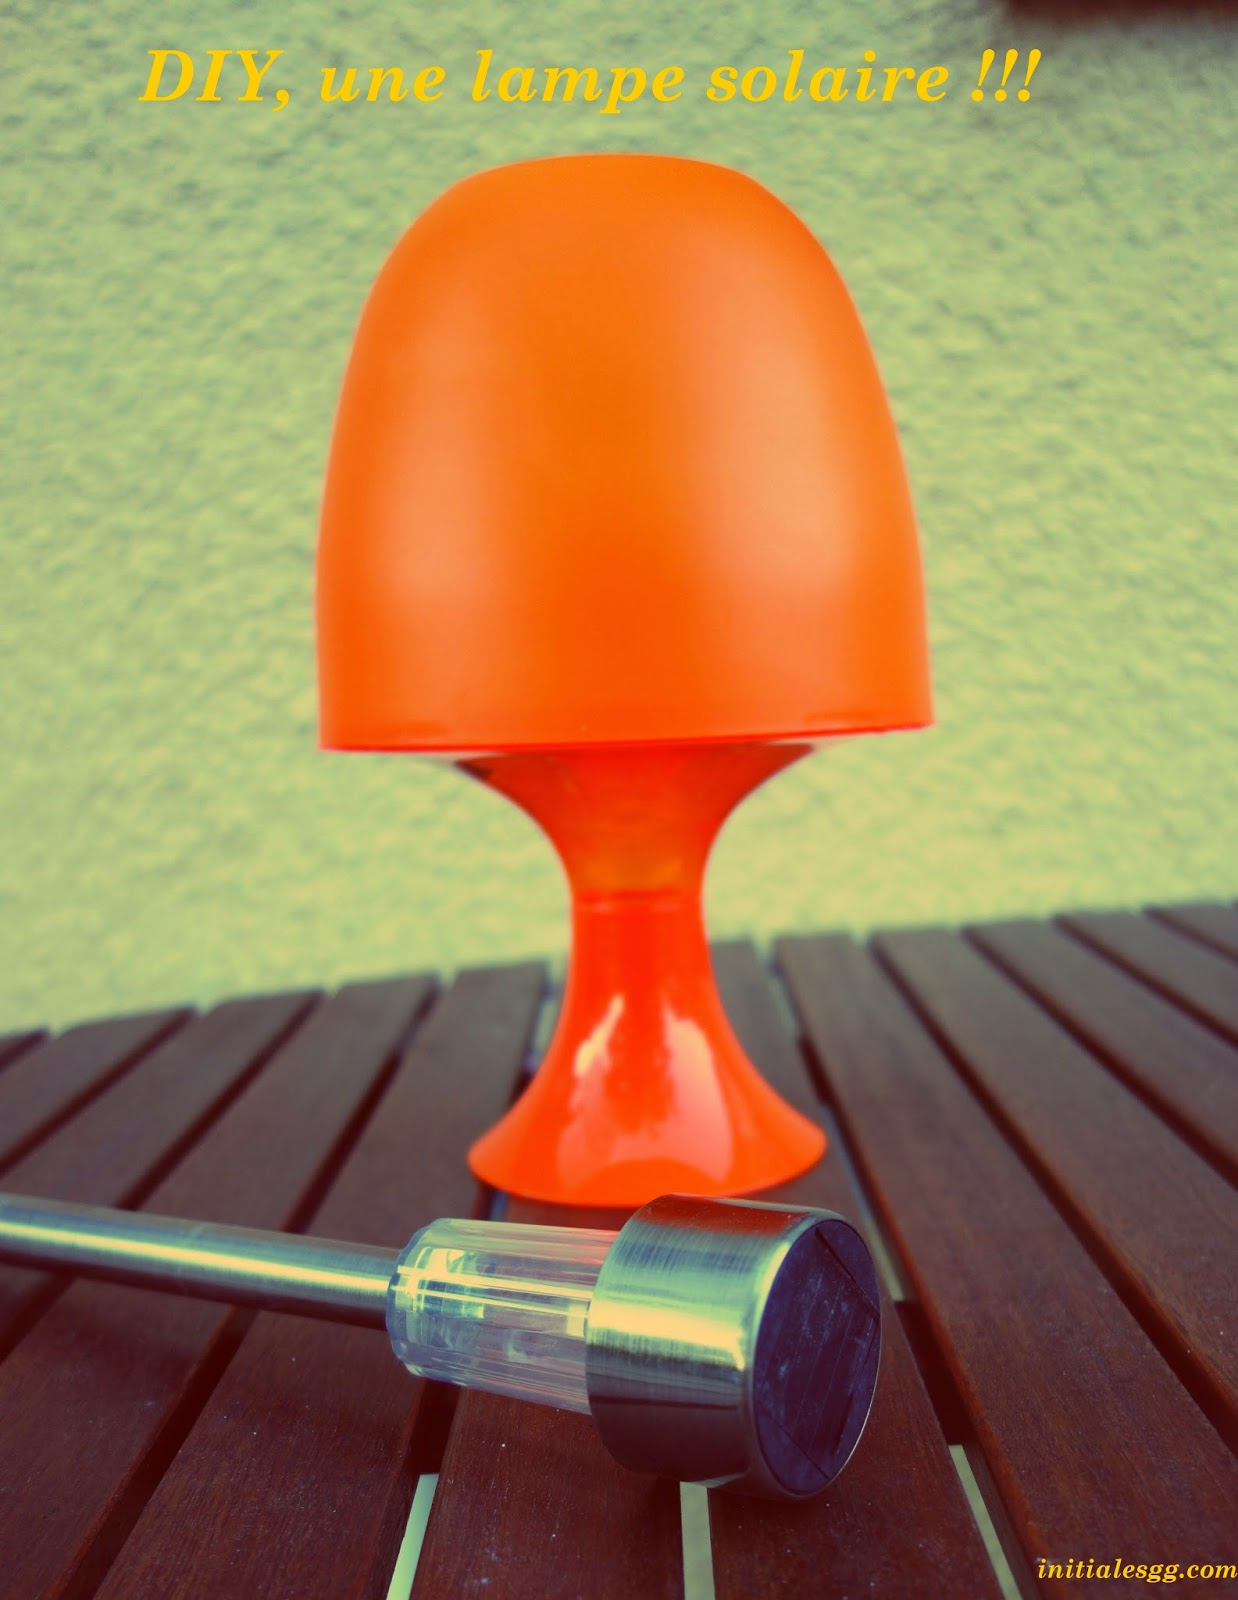 Initiales Gg ... : {Diy} Fabriquer Une Lampe Solaire Pour 7 € ! dedans Lampe Solaire Jardin Centrakor